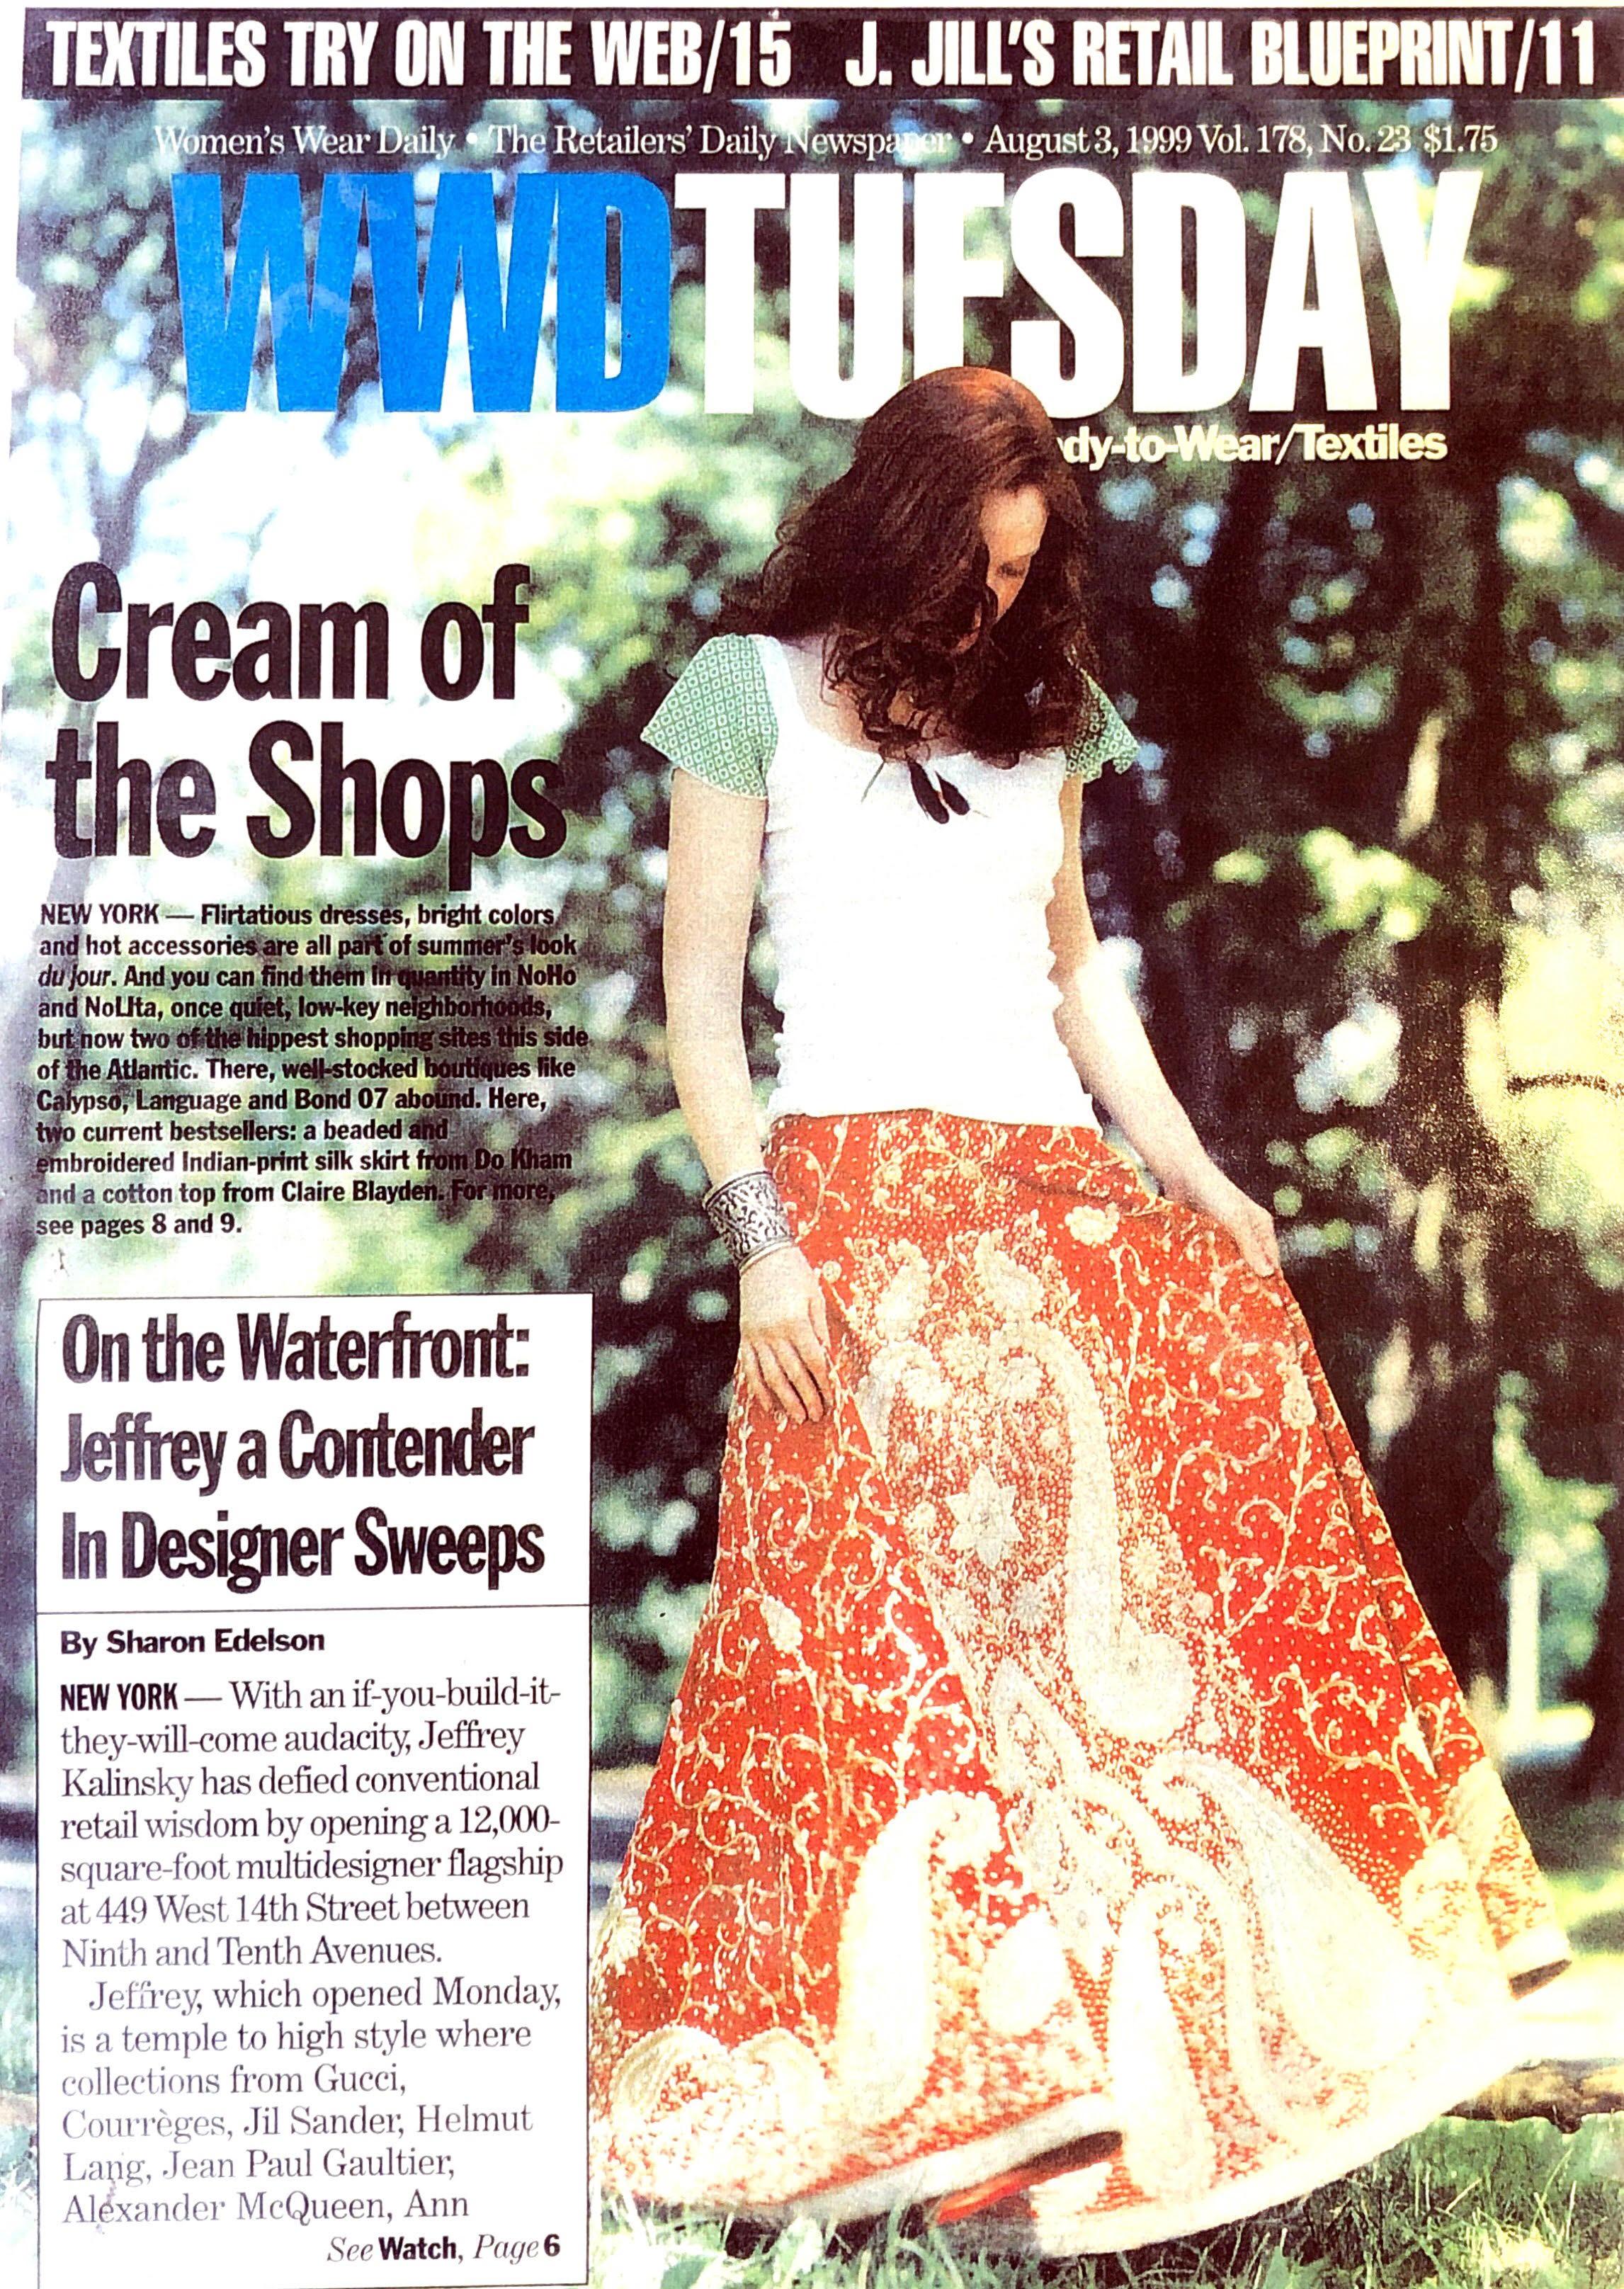 WWD - Dö Kham skirt and bracelet as featured in WWD